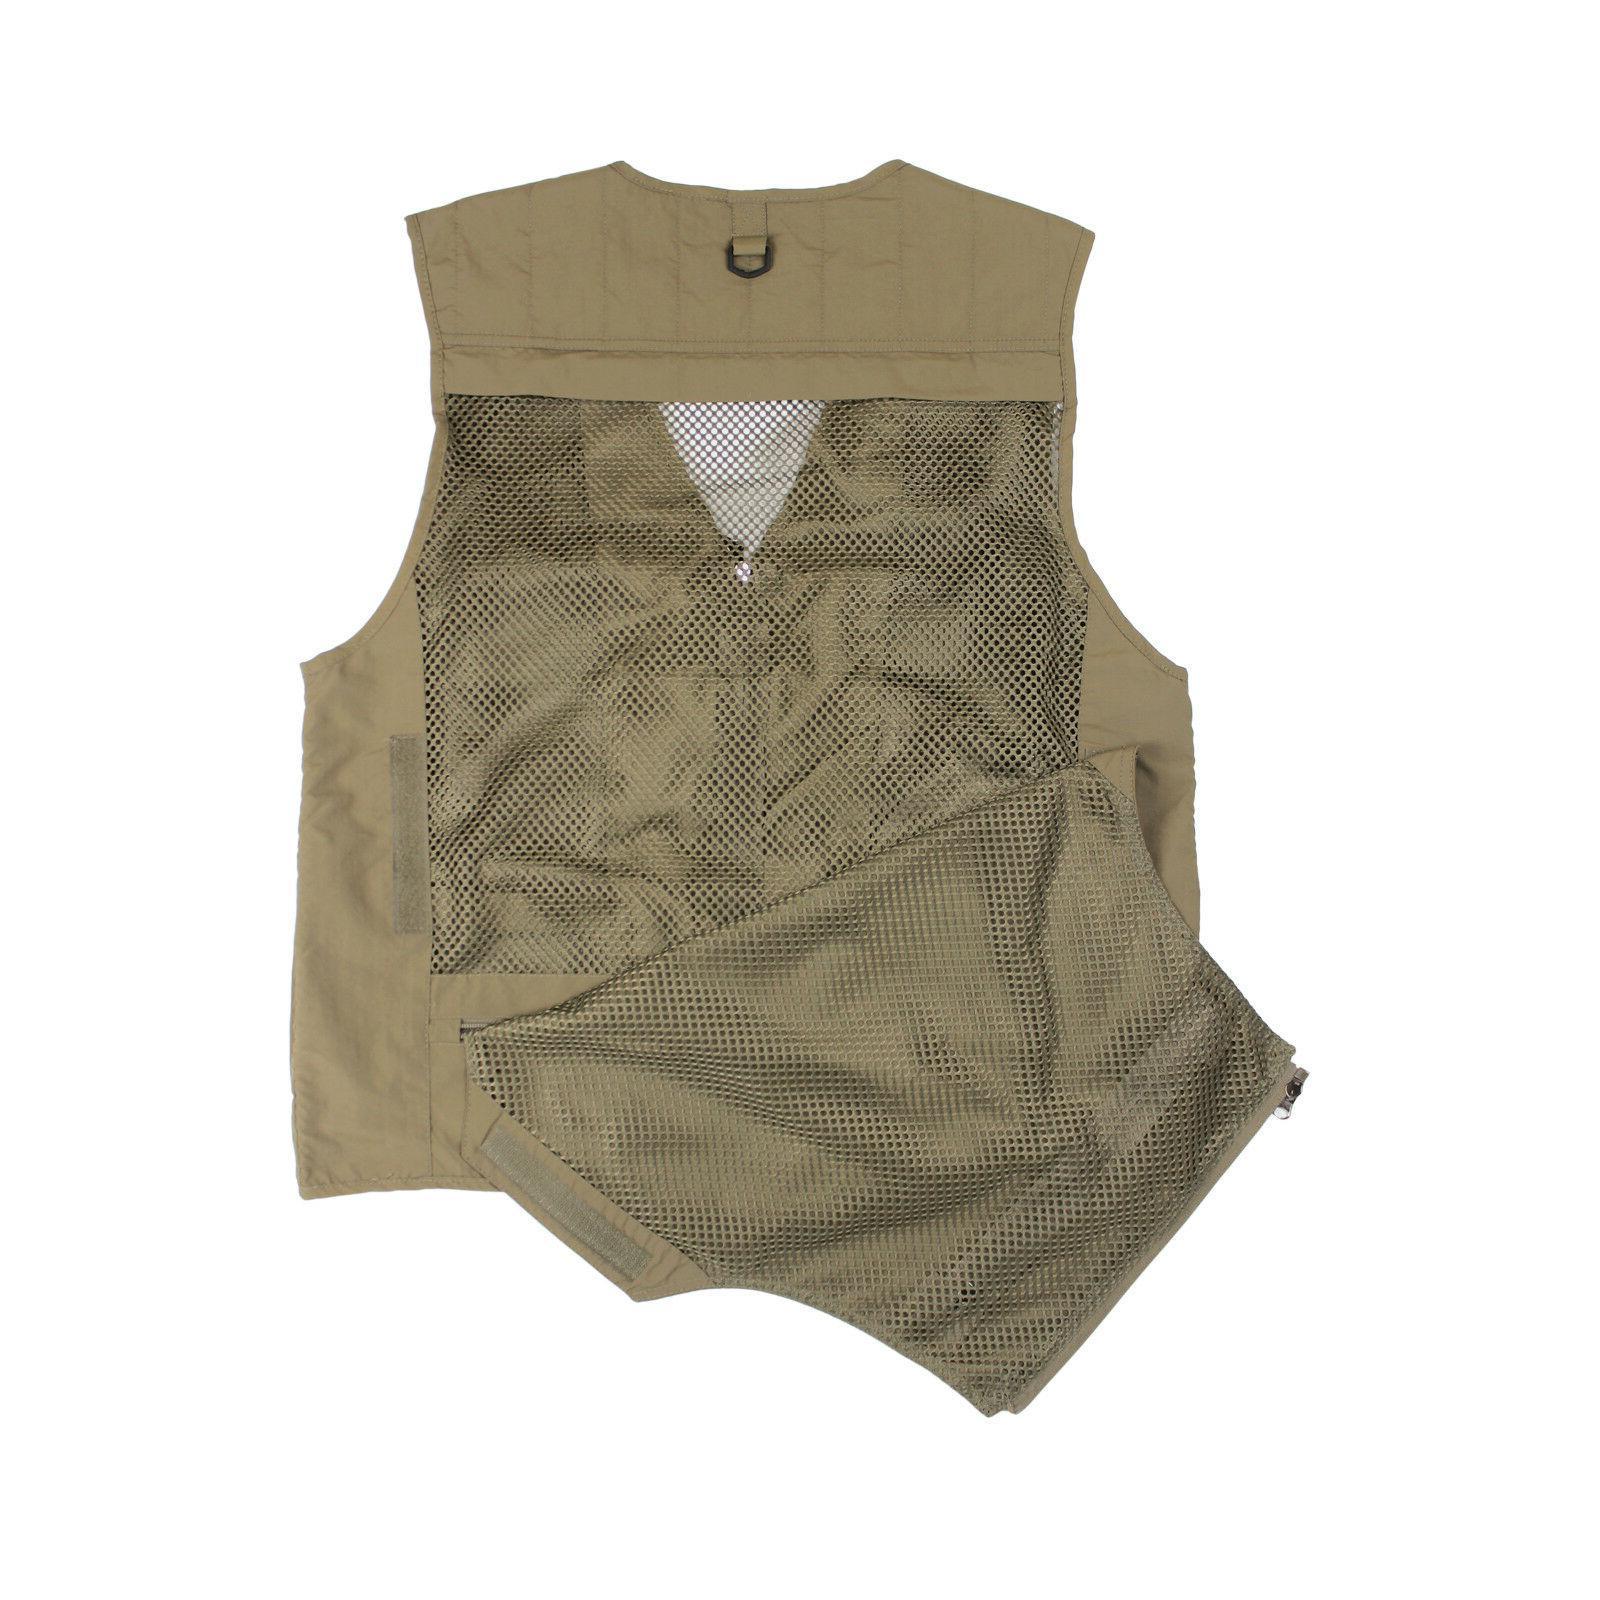 Mororock Fishing Pockets Photography Dry Waistcoat